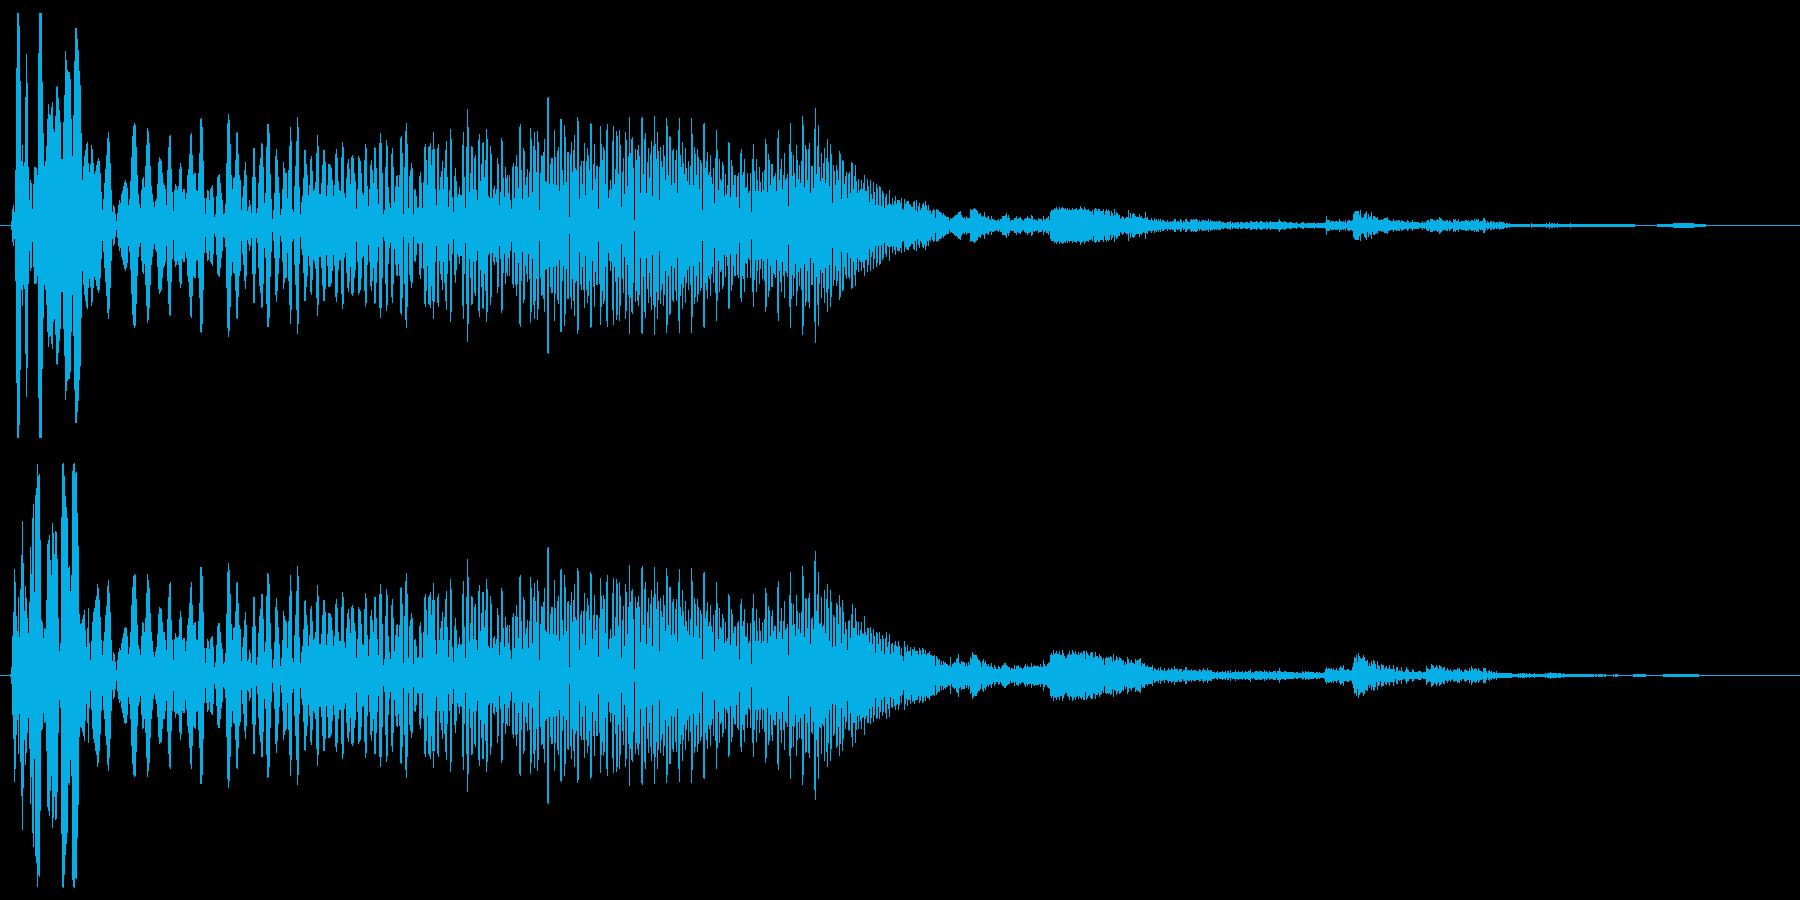 ウイーンガッチャン(機械の動作音)の再生済みの波形